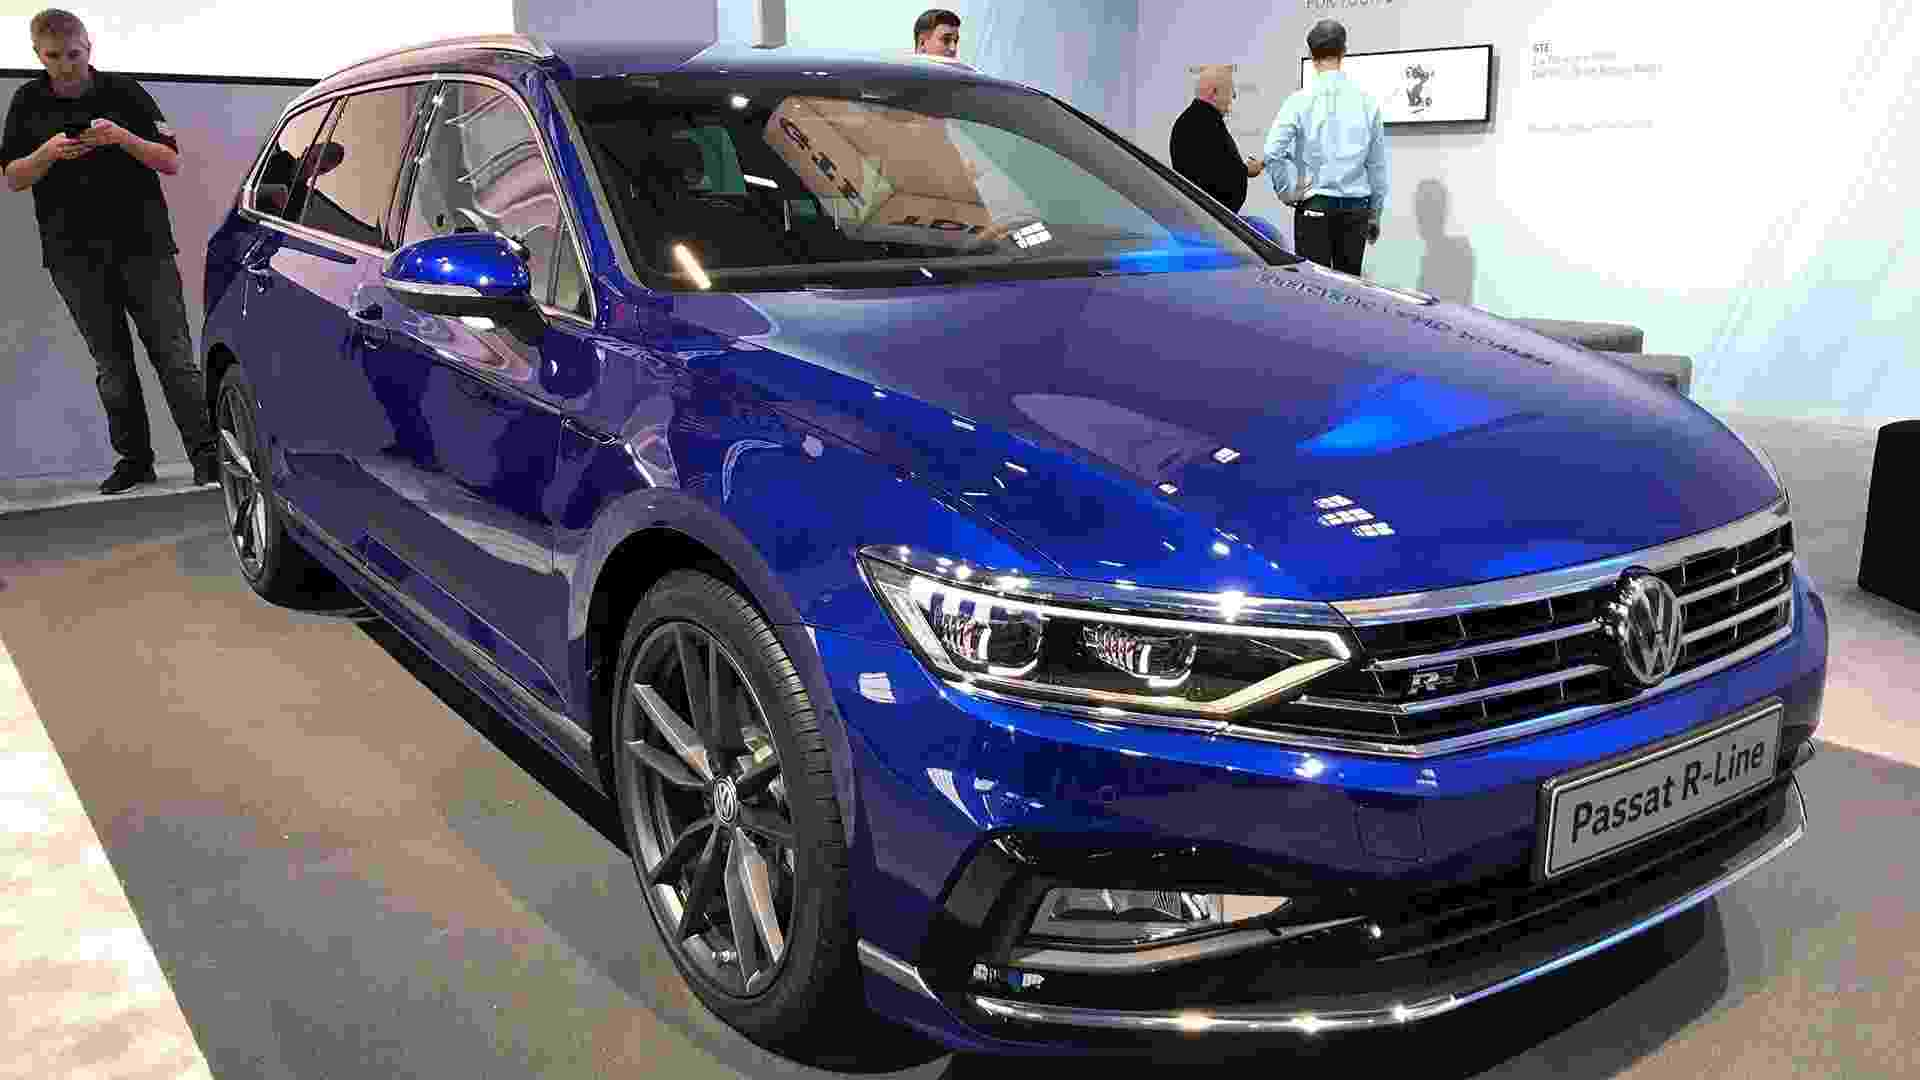 Volkswagen Passat Variant 2019 - Ricardo Ribeiro/UOL